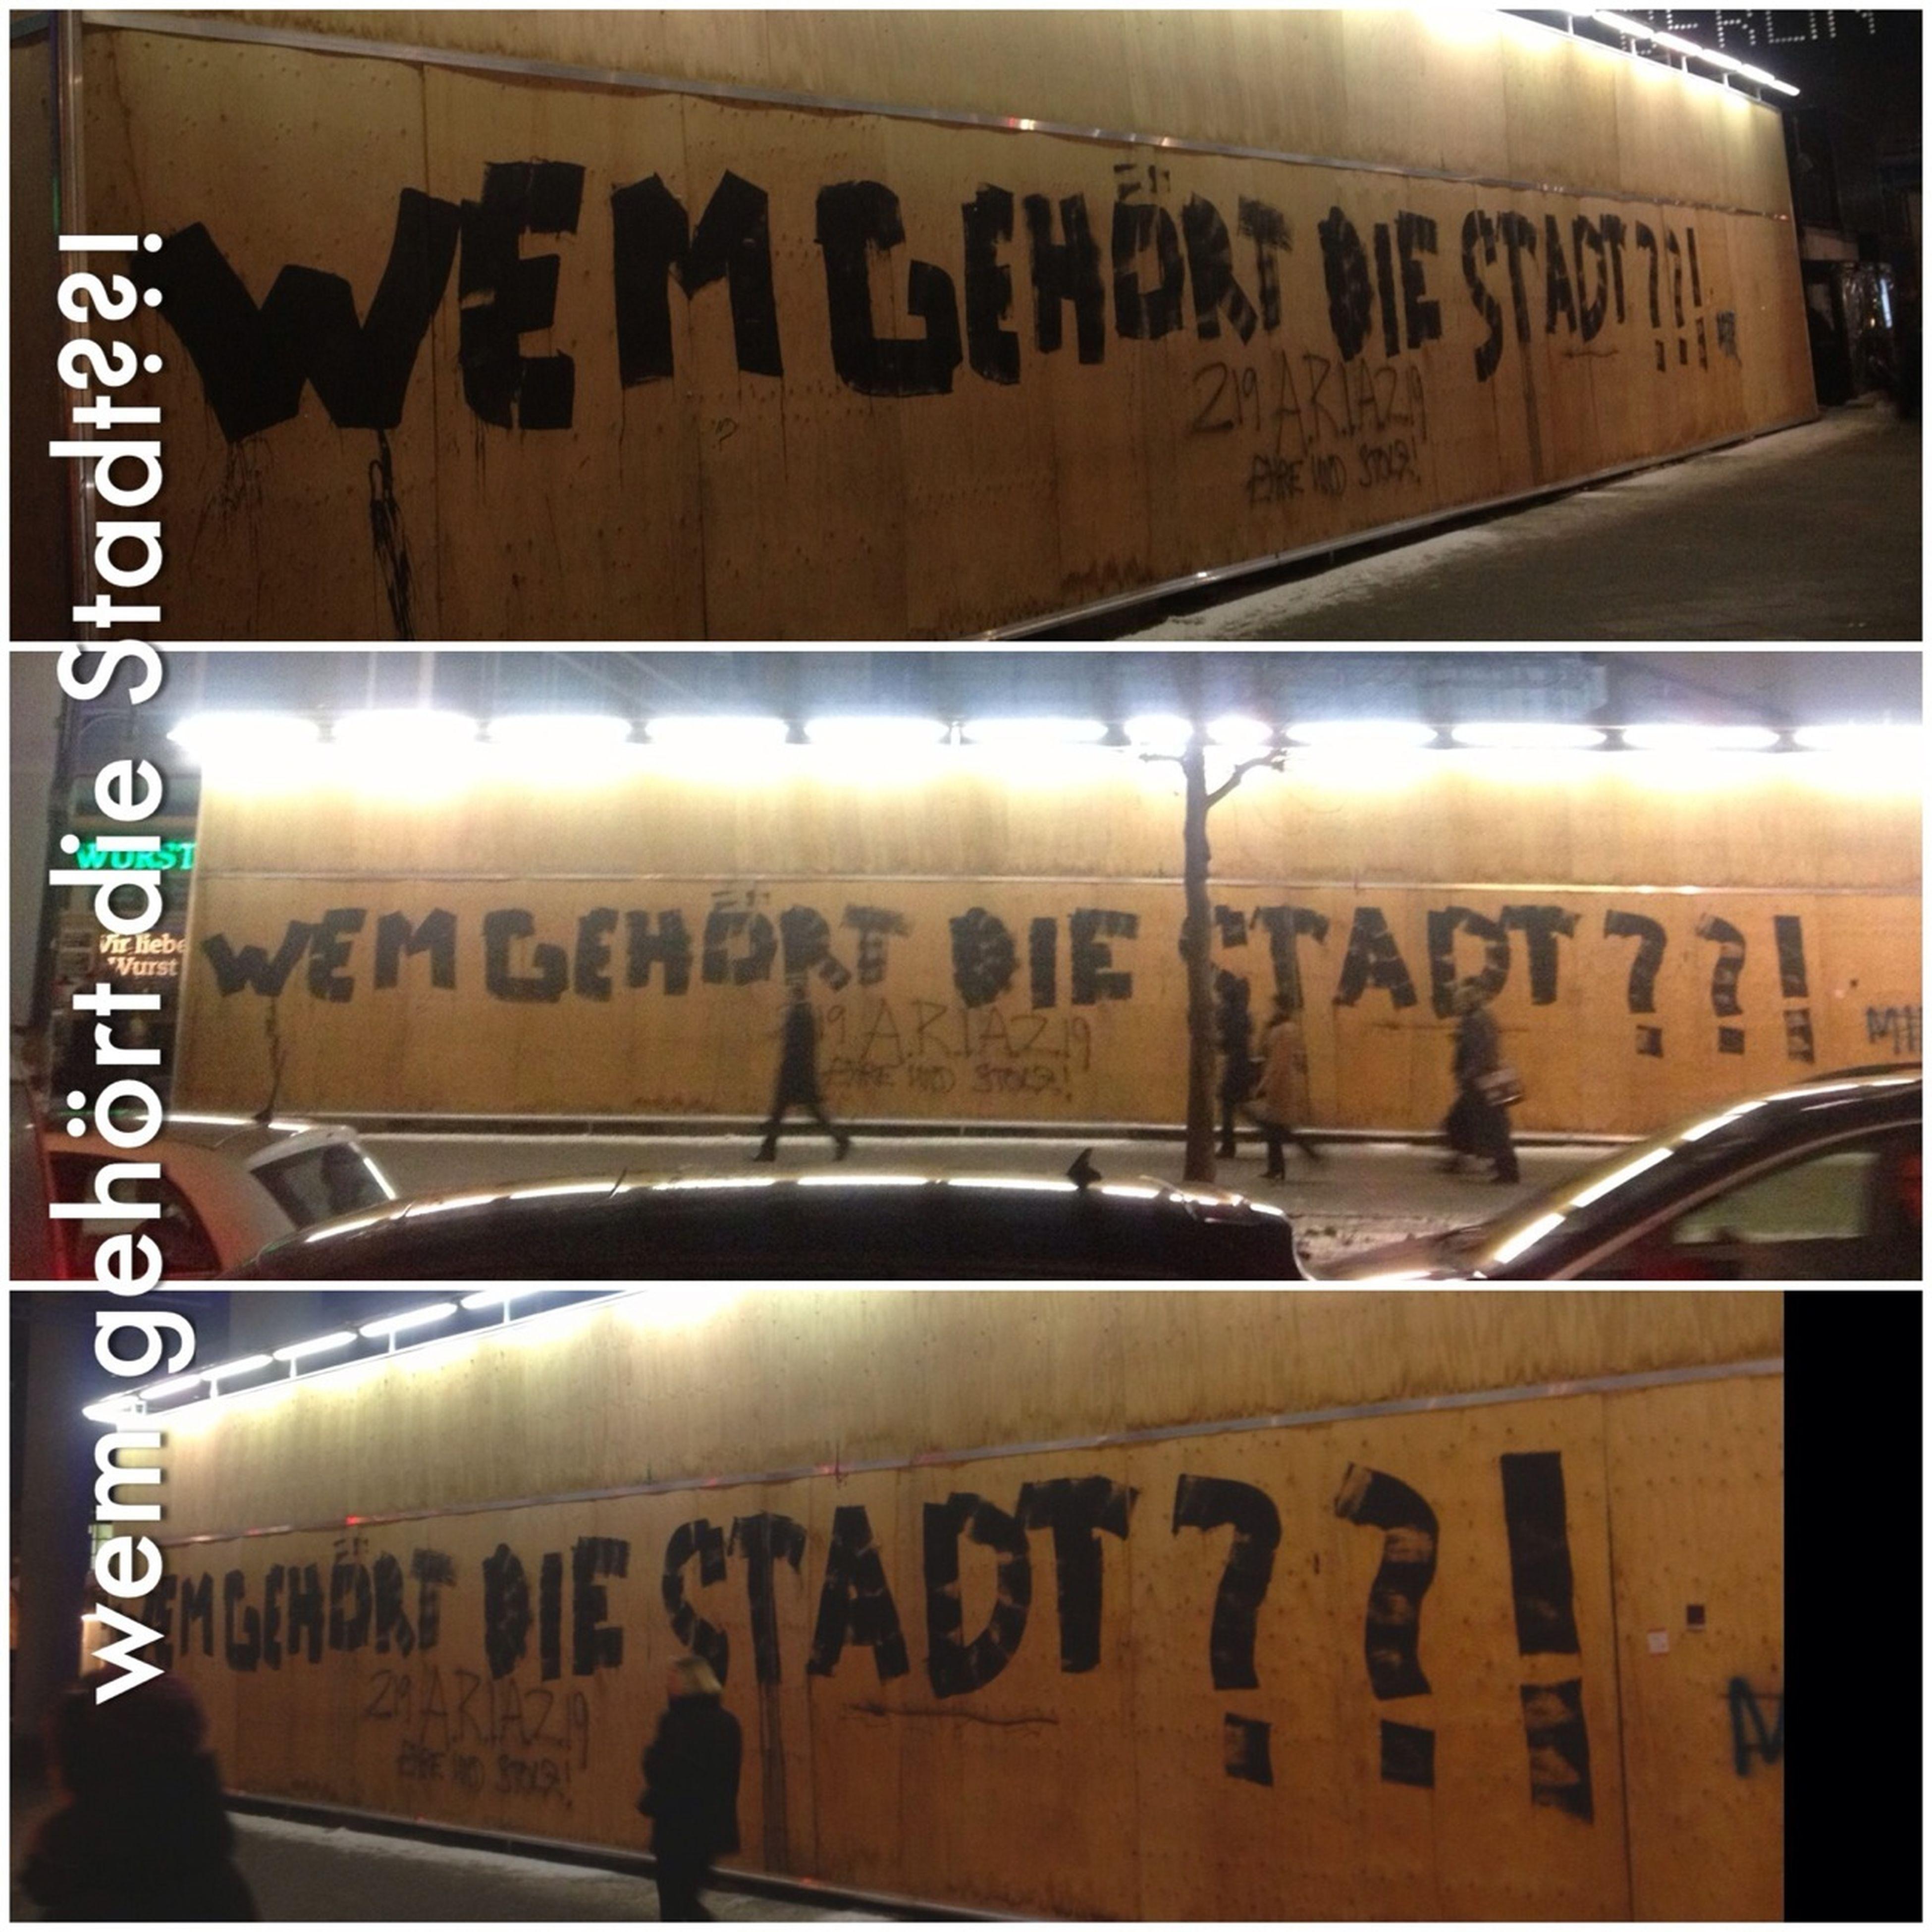 wem gehört die Stadt??! #streetart